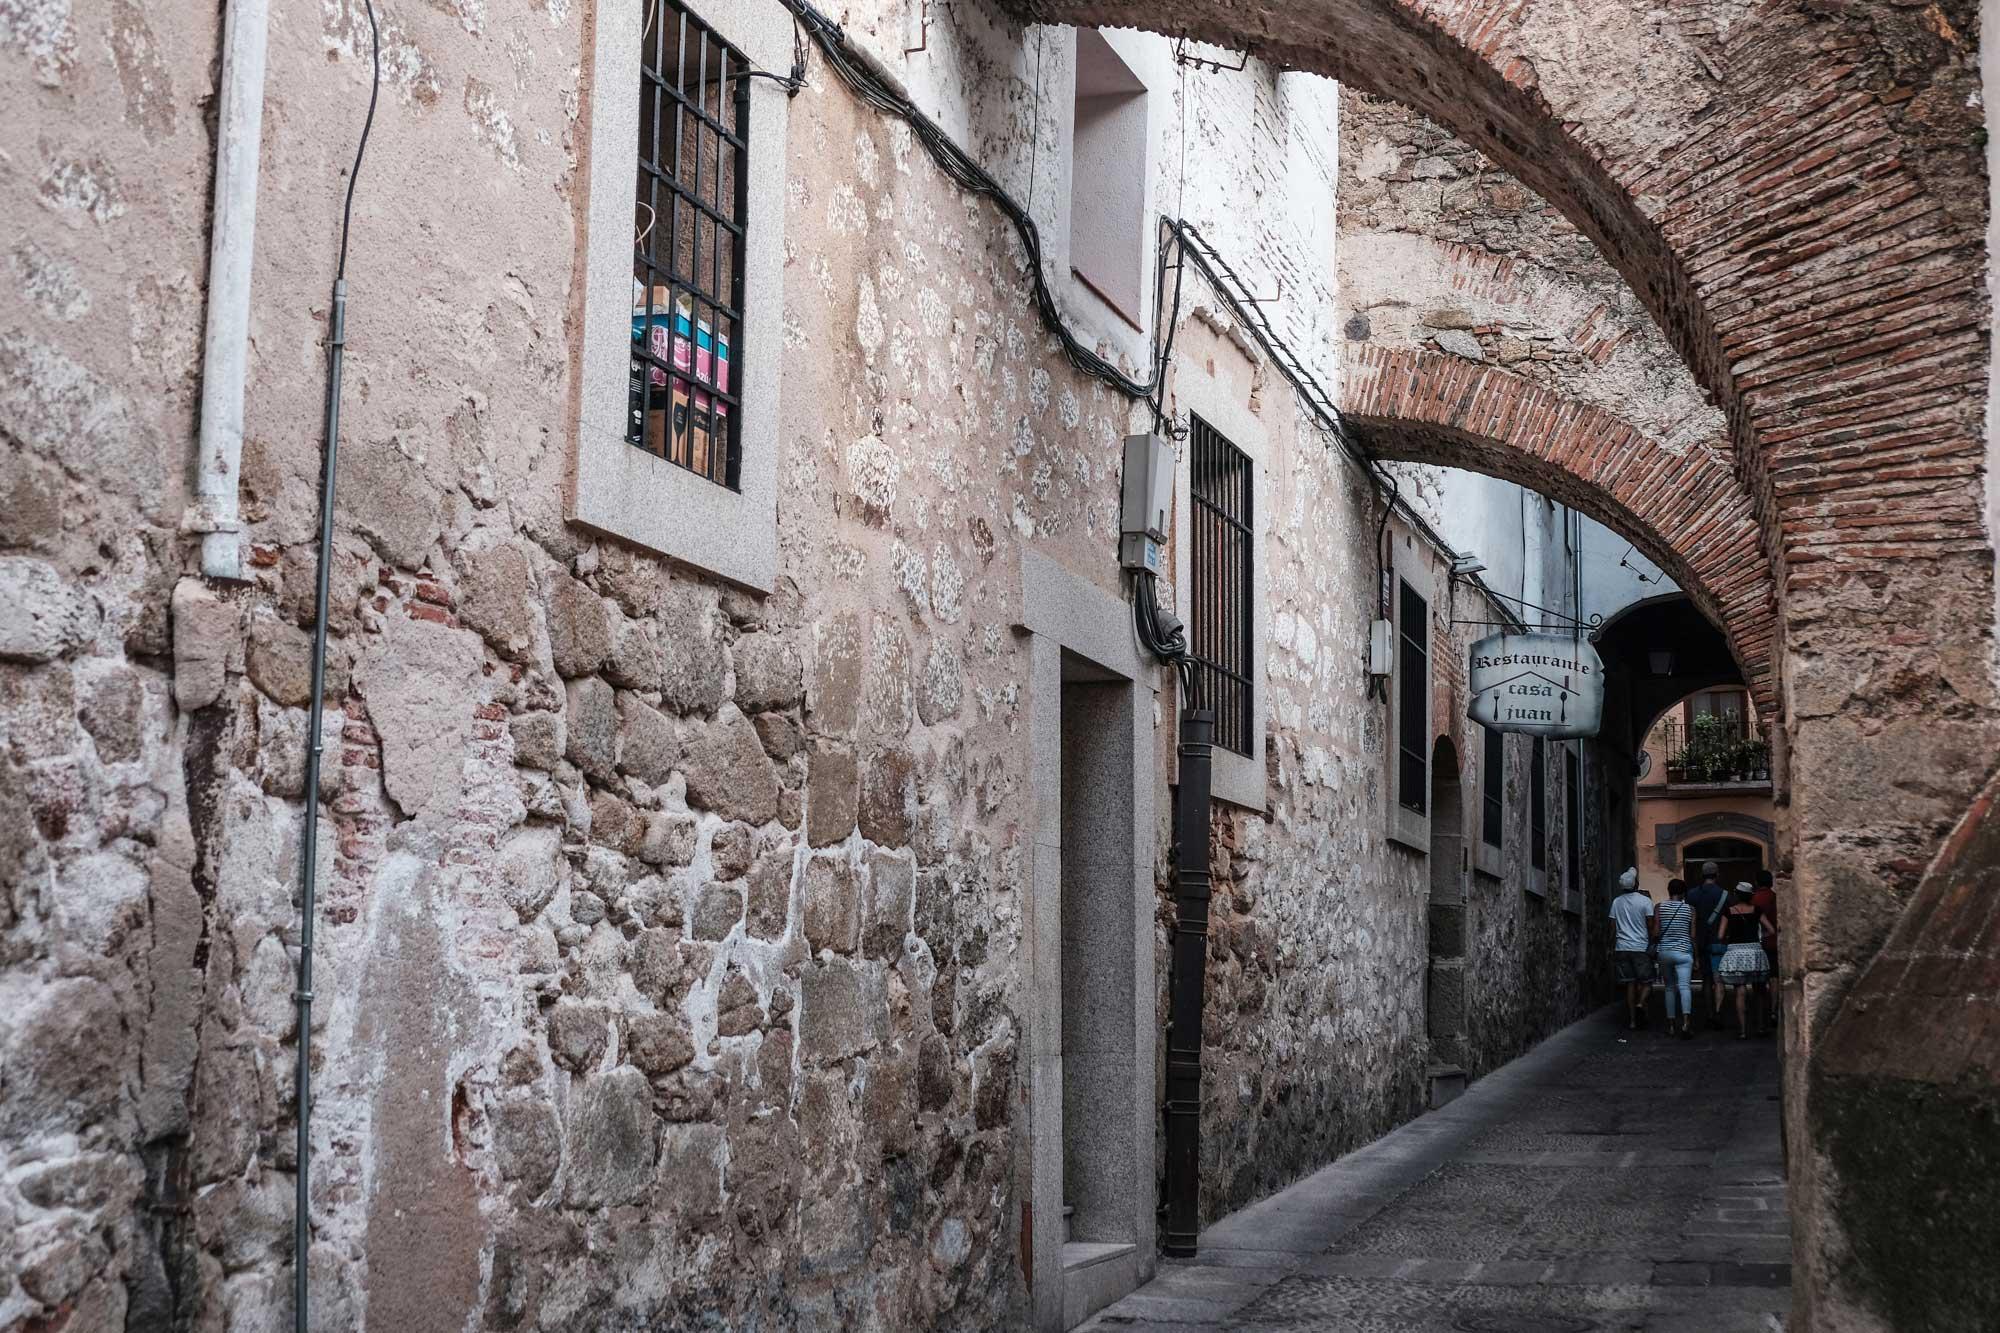 Muchas calles de intramuros revelan vestigios de su pasado señorial.